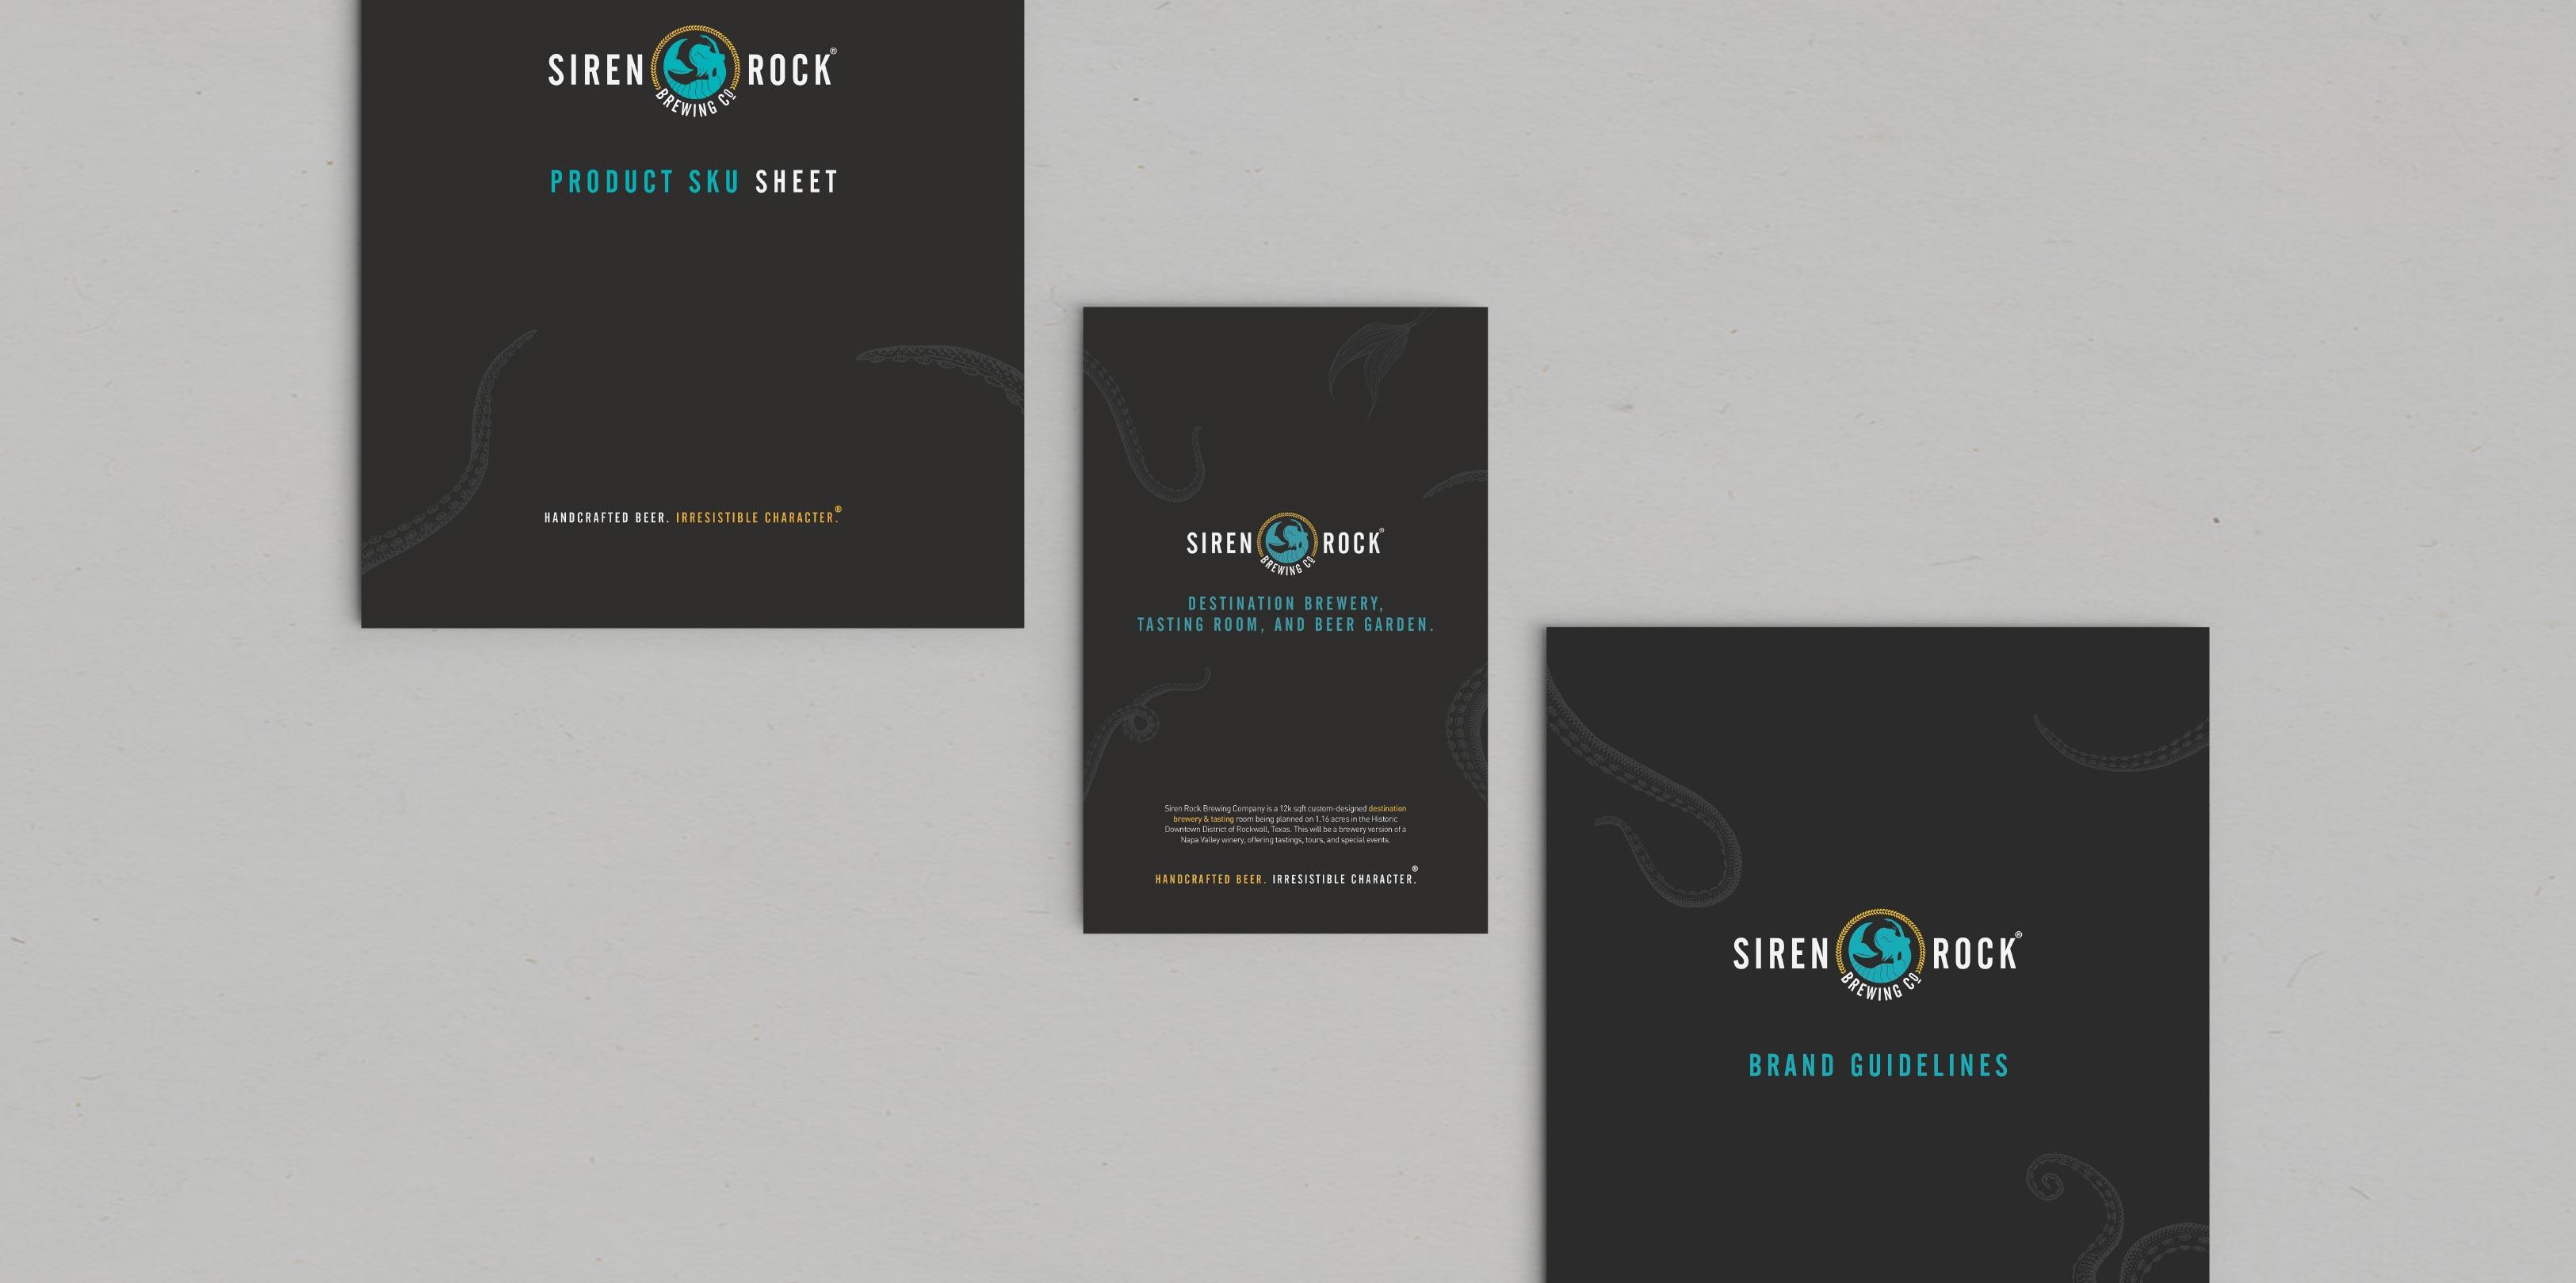 Siren Rock Brand Guidelines